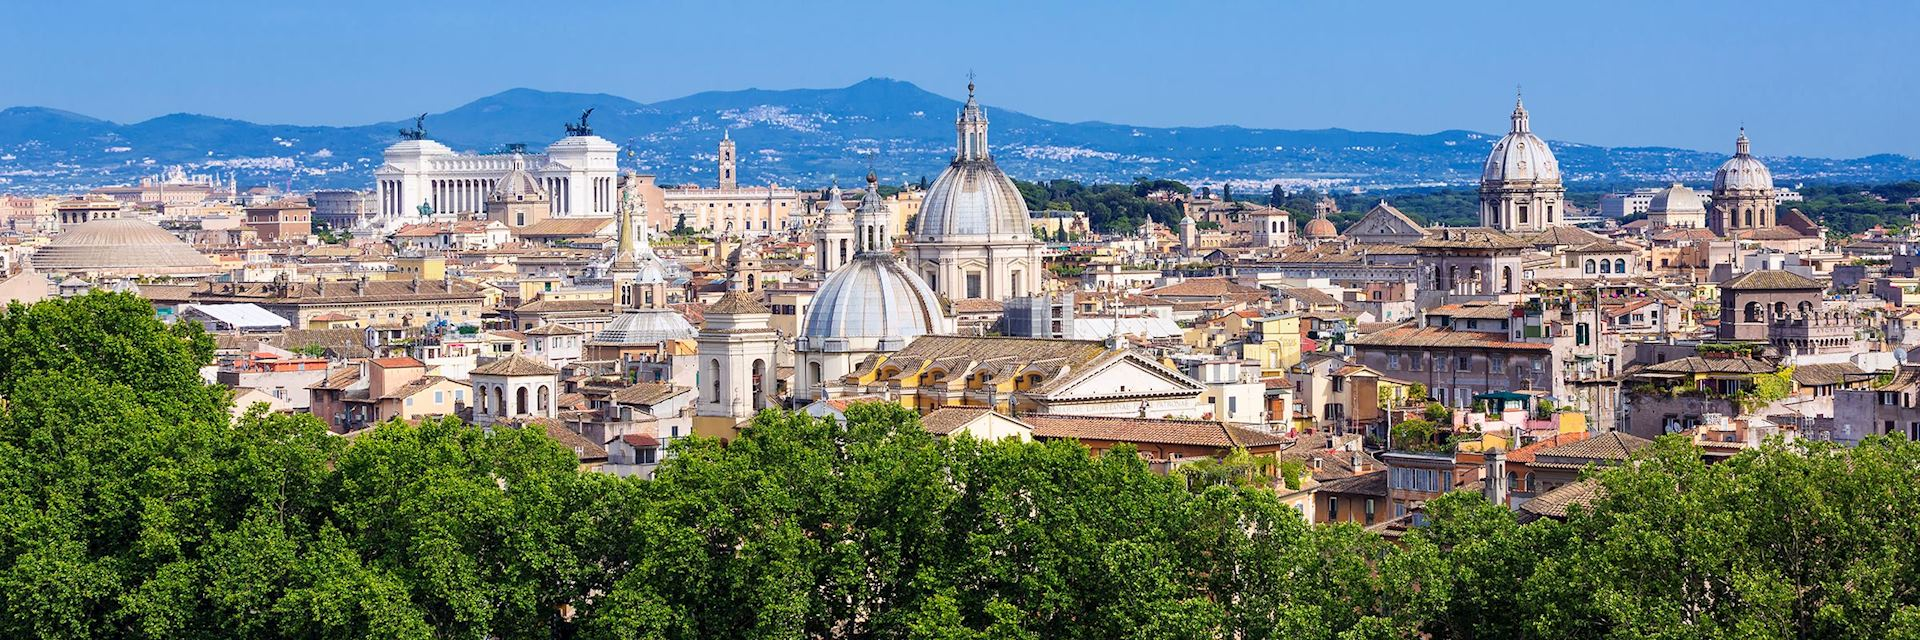 View across Rome